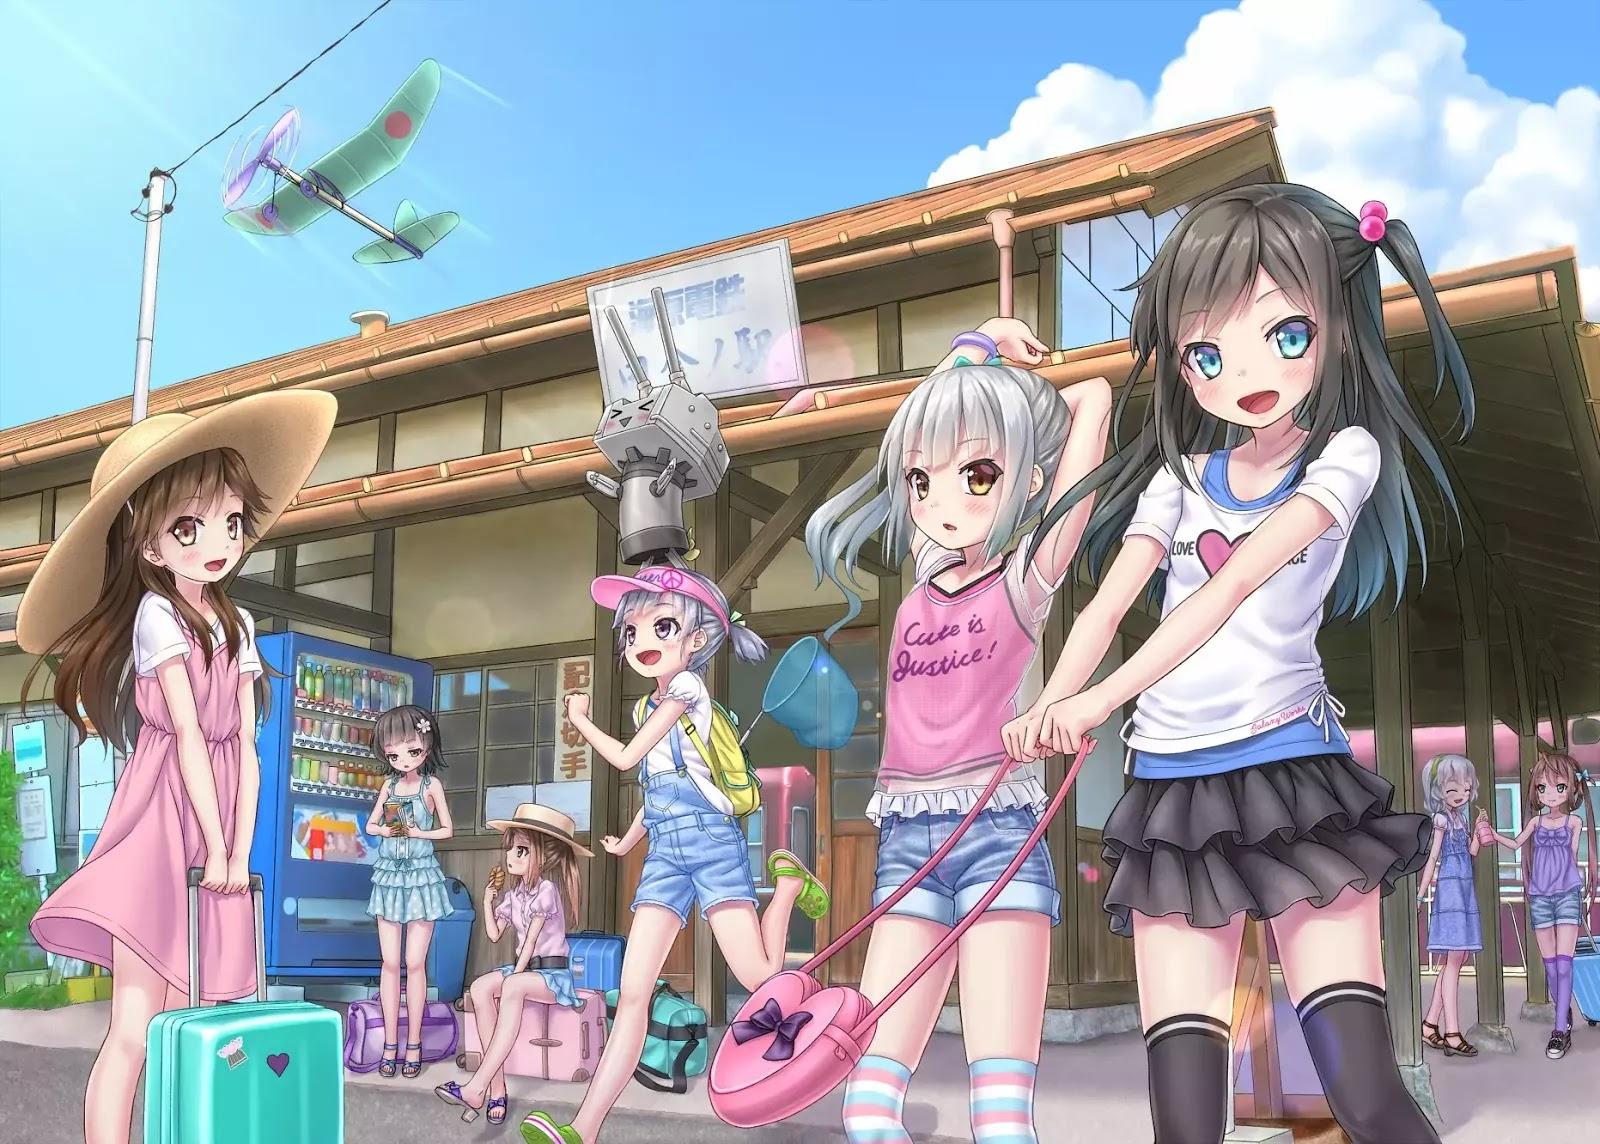 AowVN%2B%252810%2529 - [ Hình Nền ] Loli cực đẹp , cực độc Full HD | Anime Wallpaper